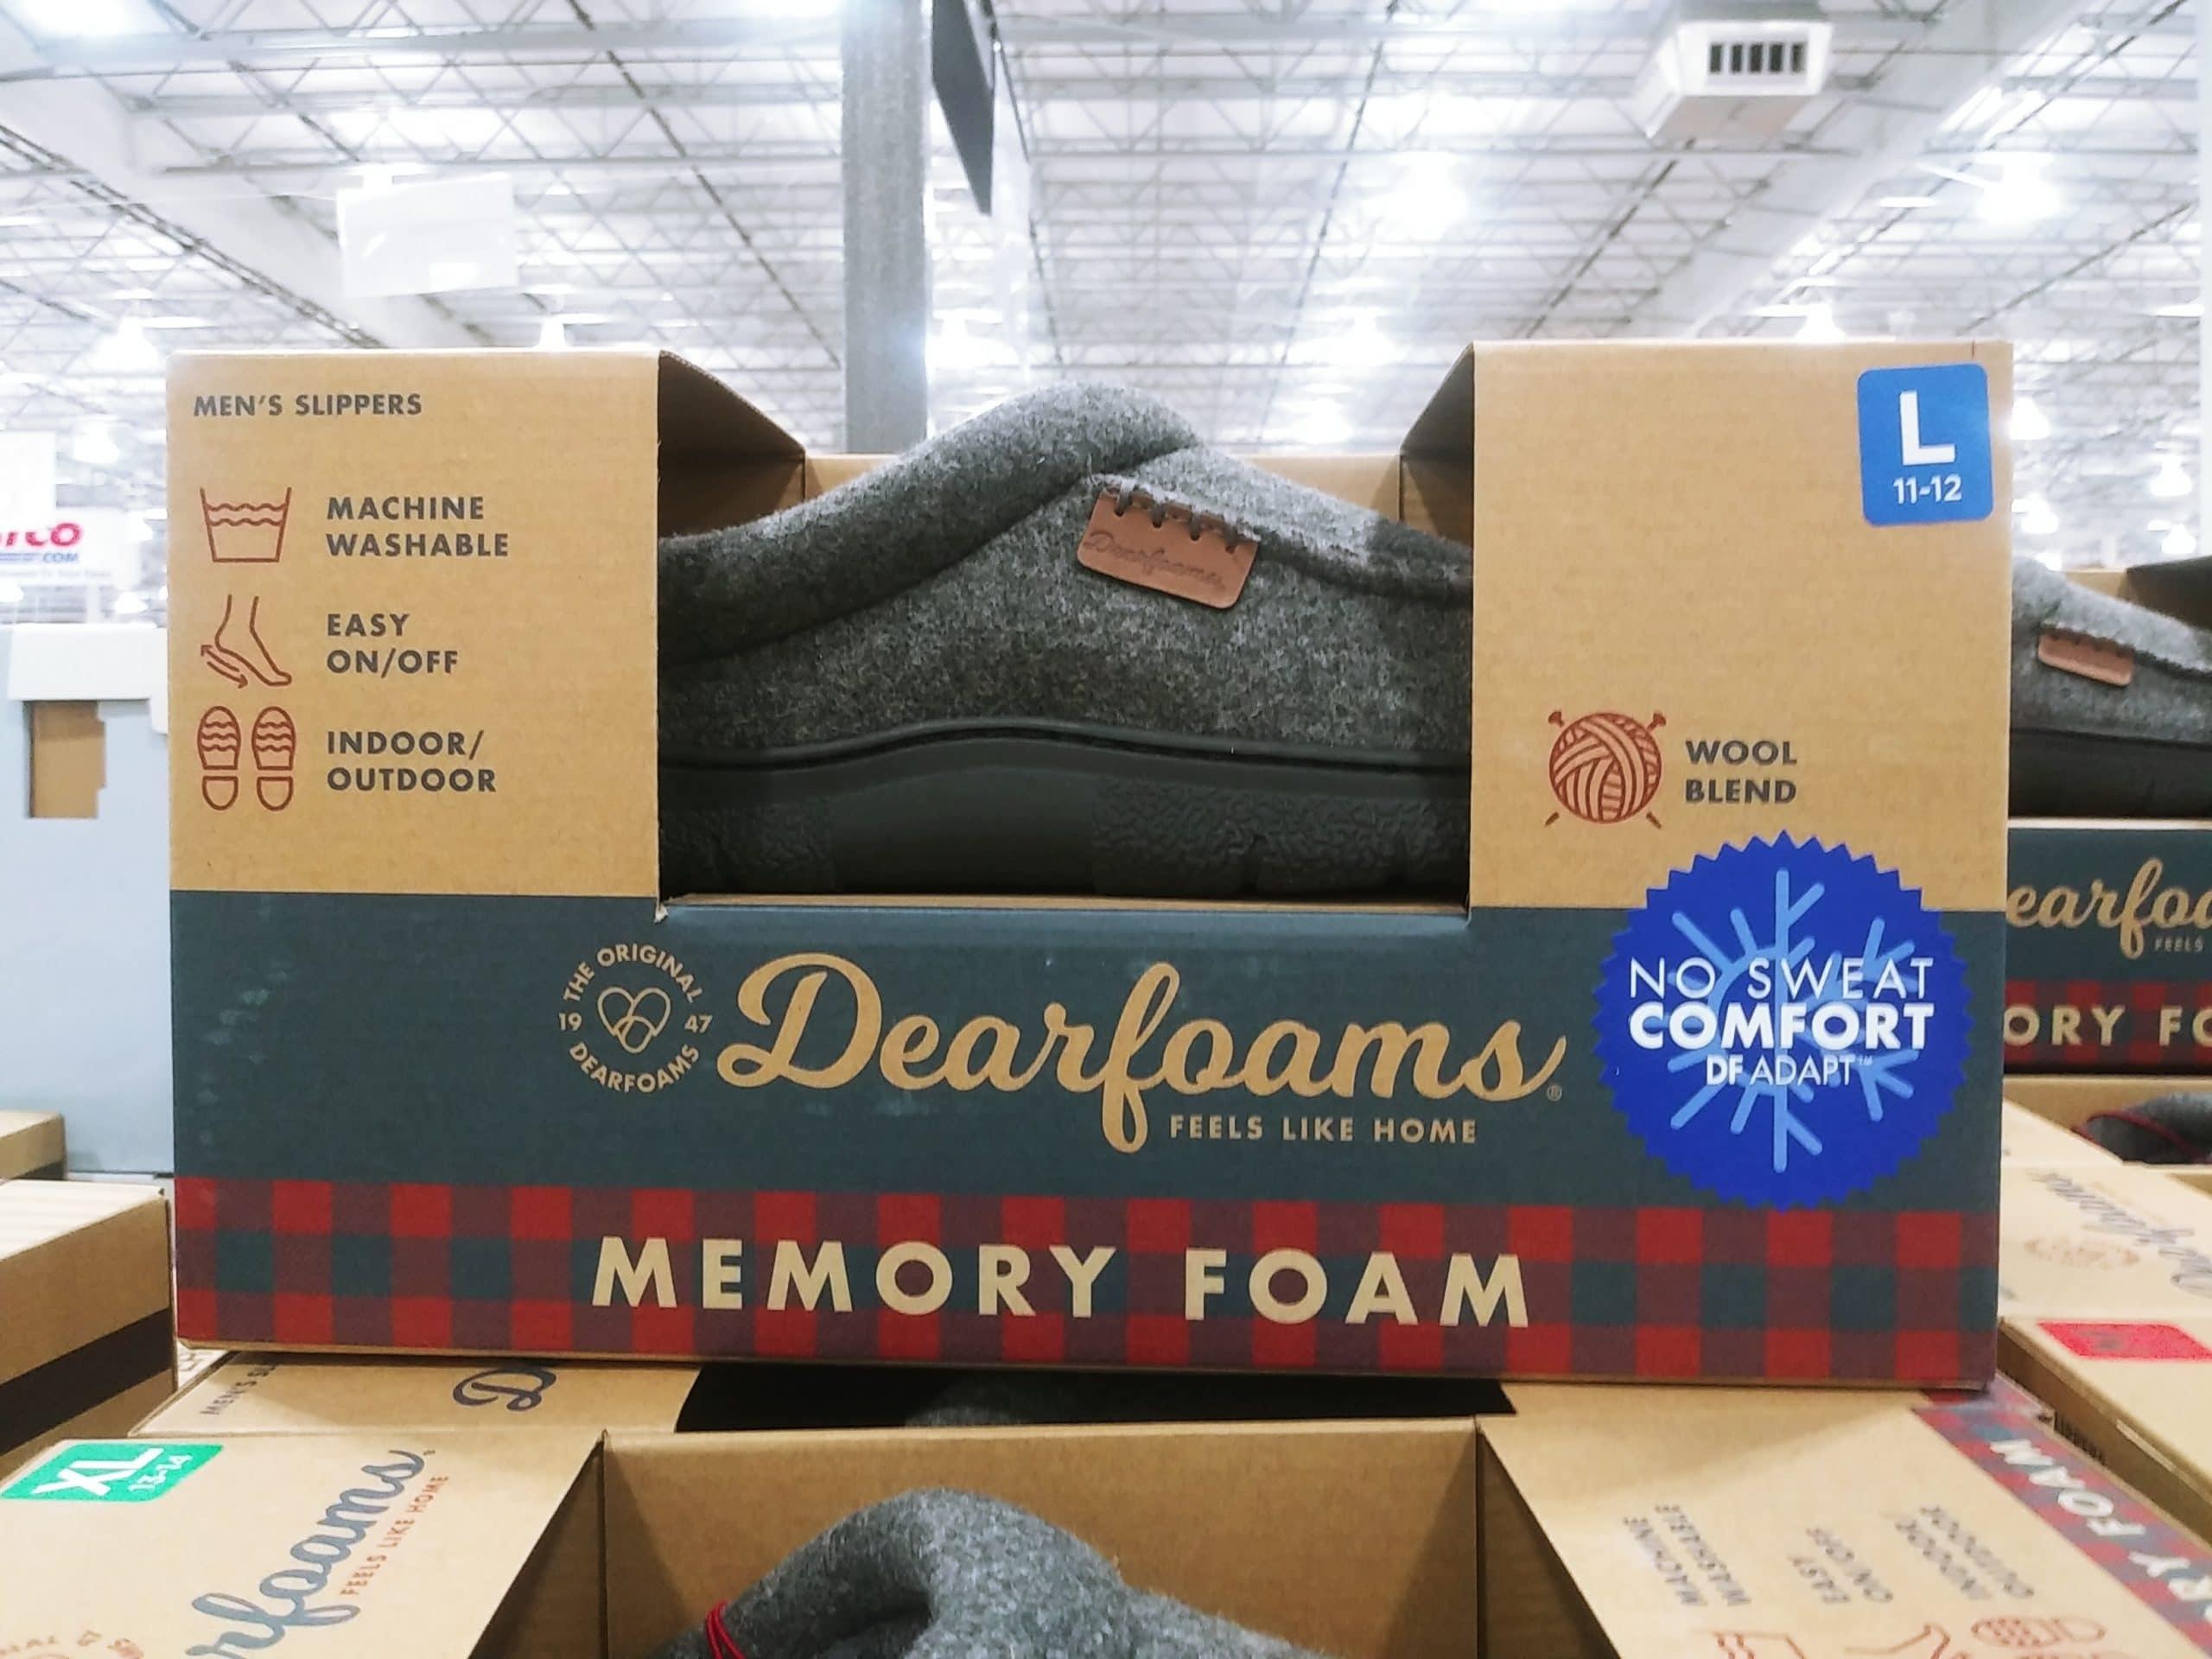 Dearfoam Mens Slippers $11.49